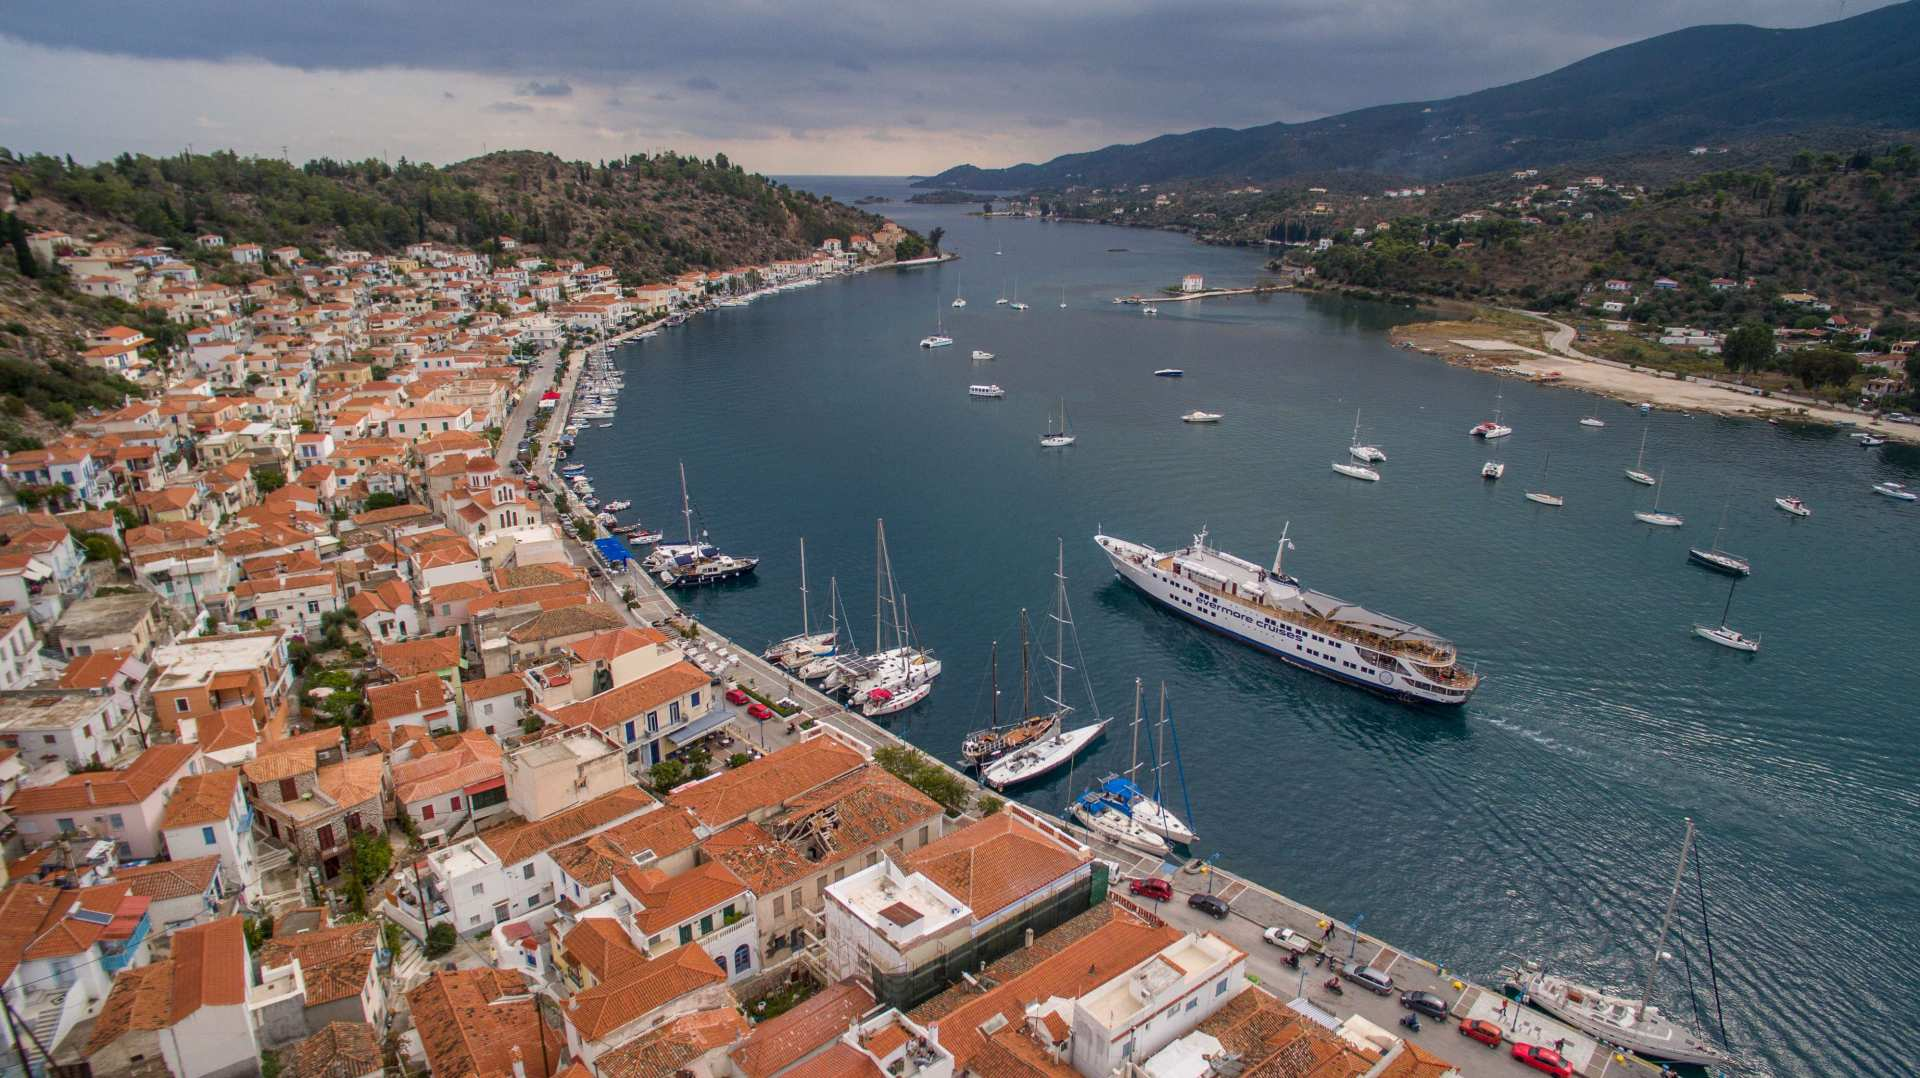 【希臘渡輪體驗】伊茲拉島(Hydra)、波羅斯島(Poros)、愛琴島(Aegina )一日船遊(雅典出發)